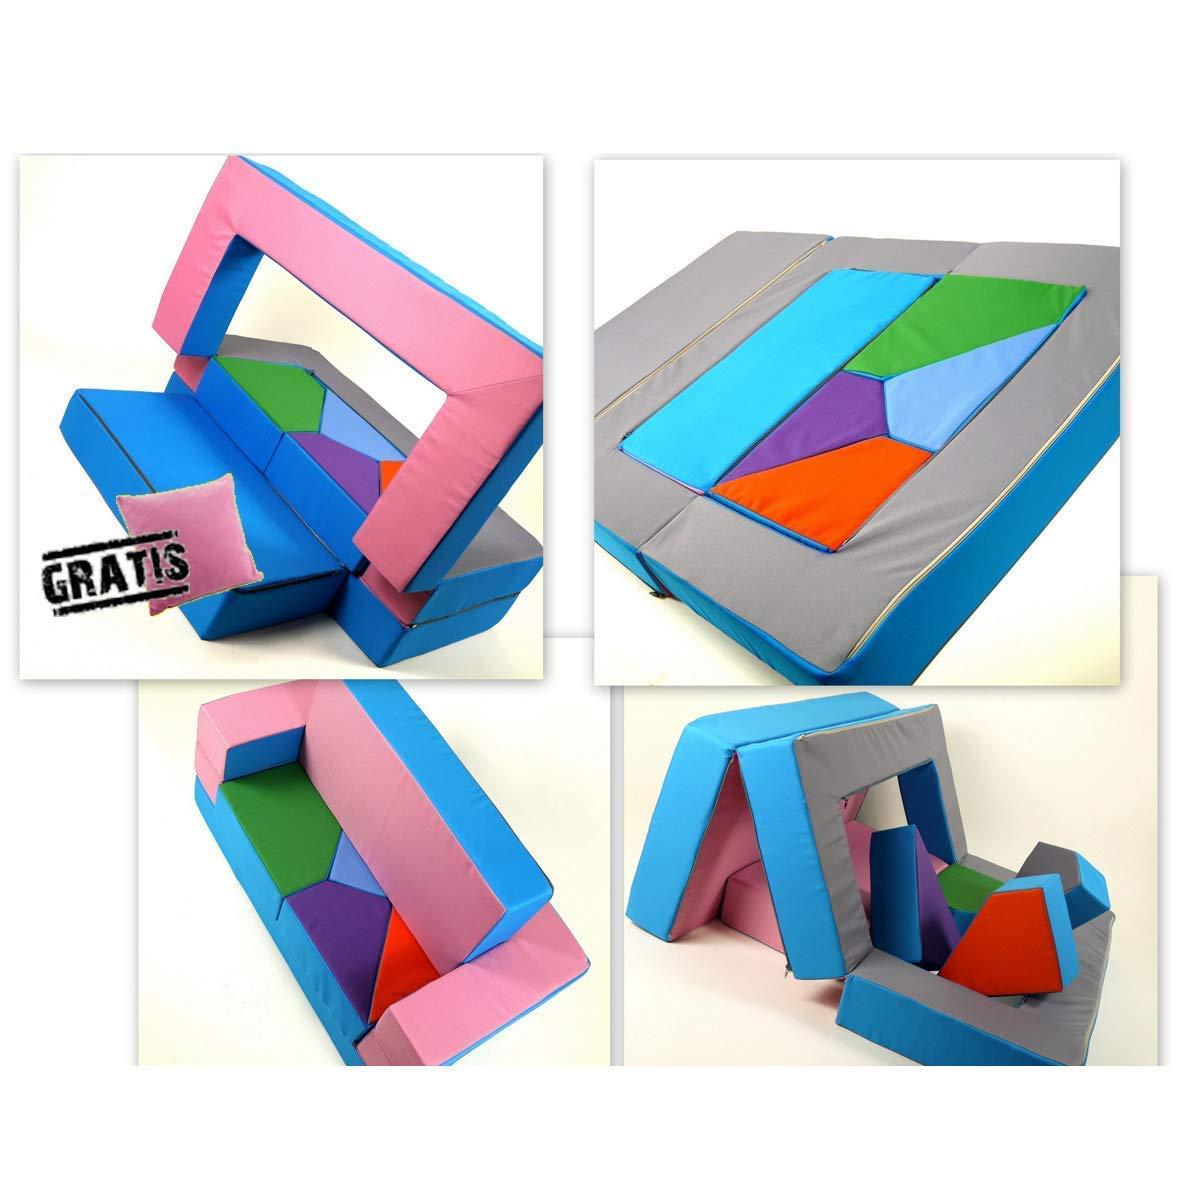 Barabike Spielsofa 4in1 Kindersofa KG01B Spielmatraze für Das Kinderzimmer Spielpolster Softsofa rosa hellblau Puzzle Kinderzimmersofa Spieltisch Kindermöbel